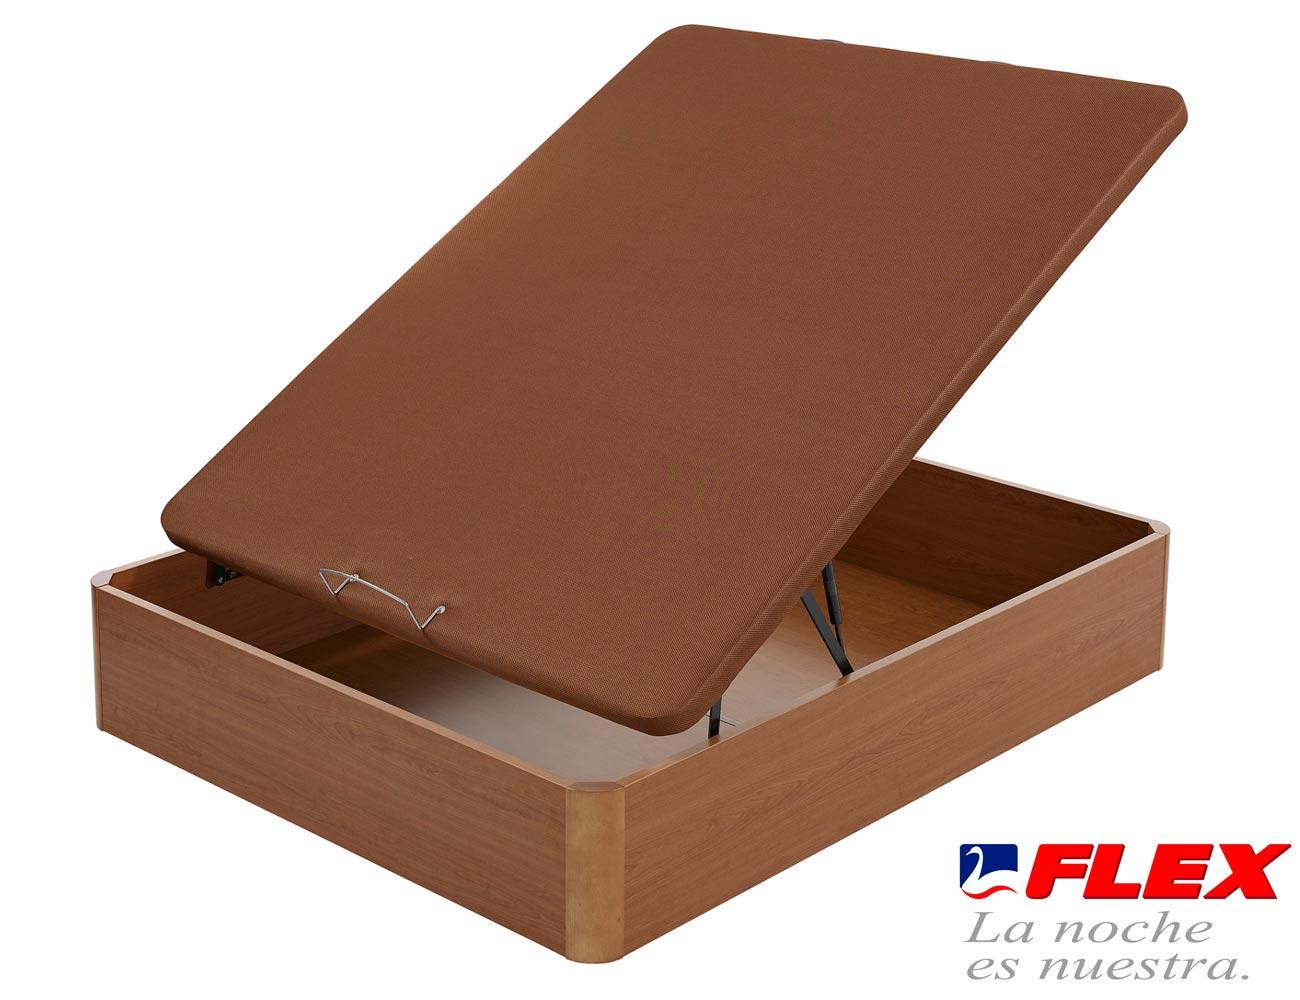 Canape flex madera abatible tapa3d1